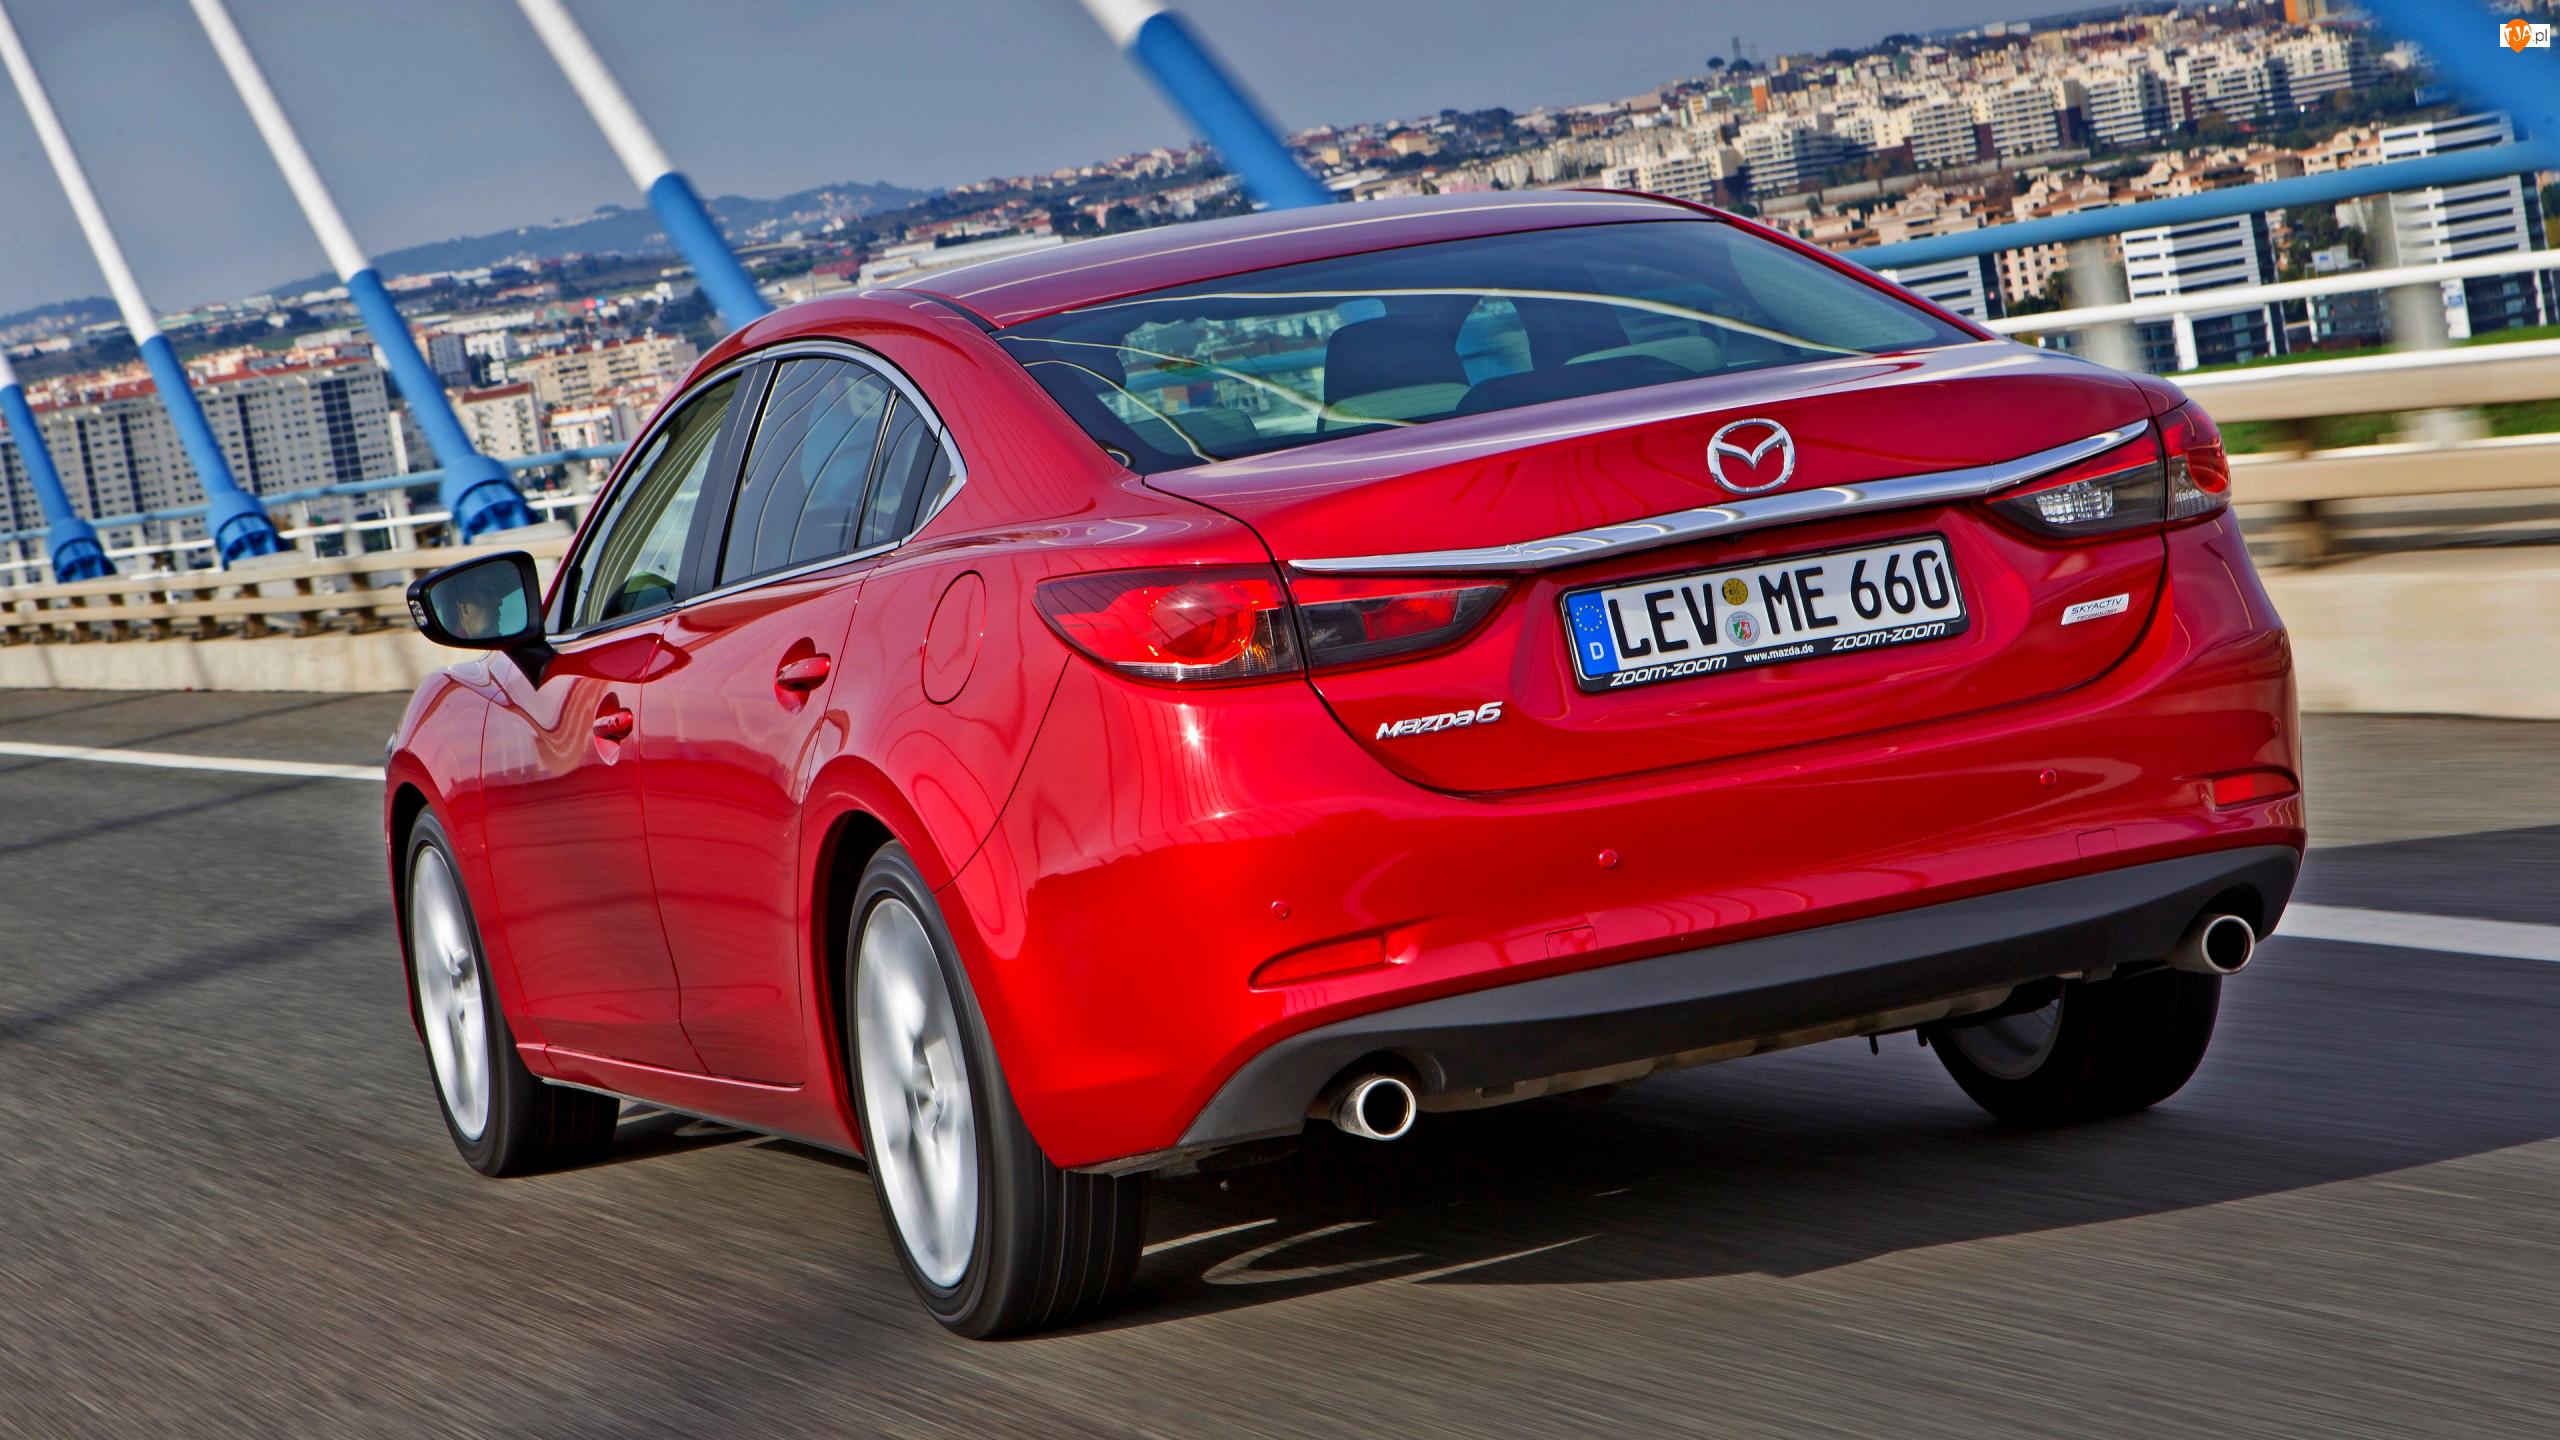 Tył, Czerwona, Mazda 6, Sedan